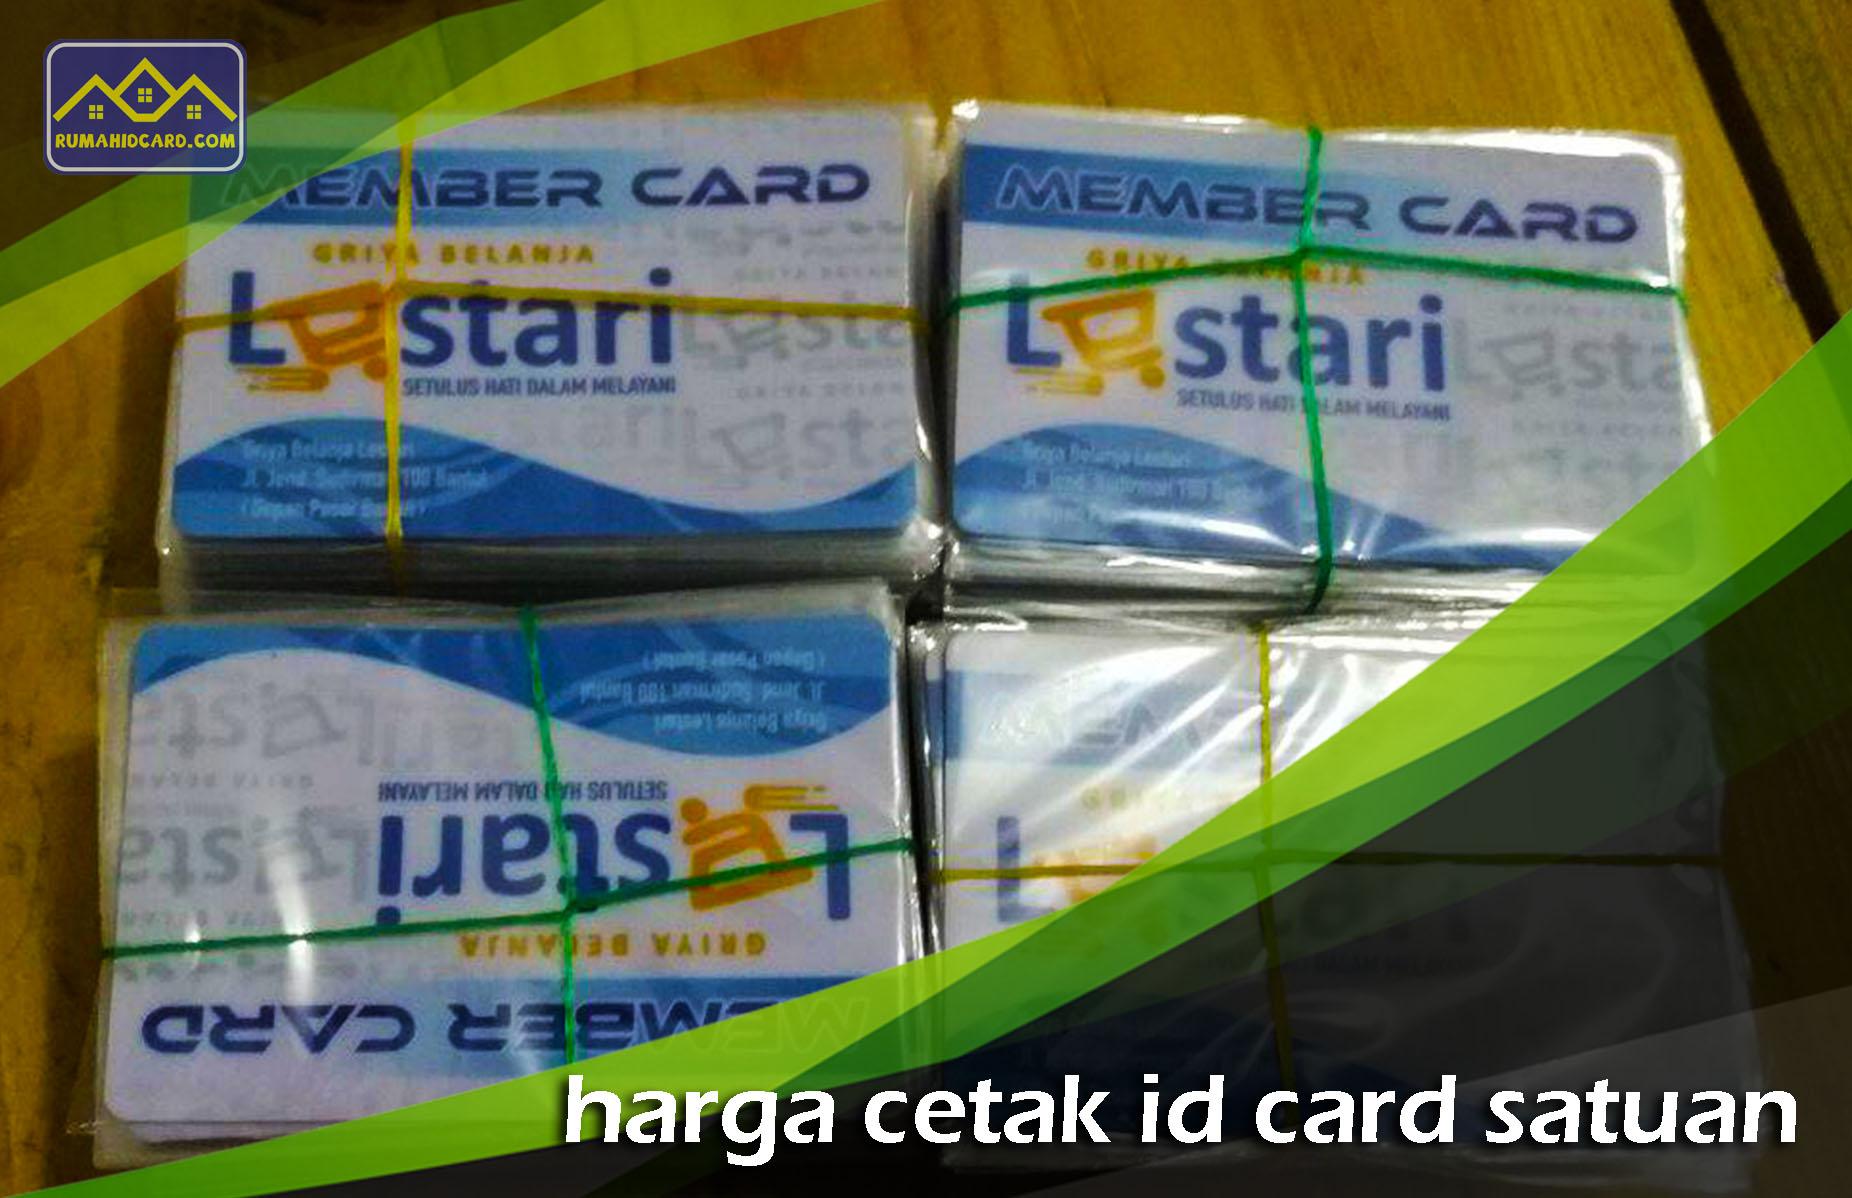 Harga Cetak ID Card Satuan